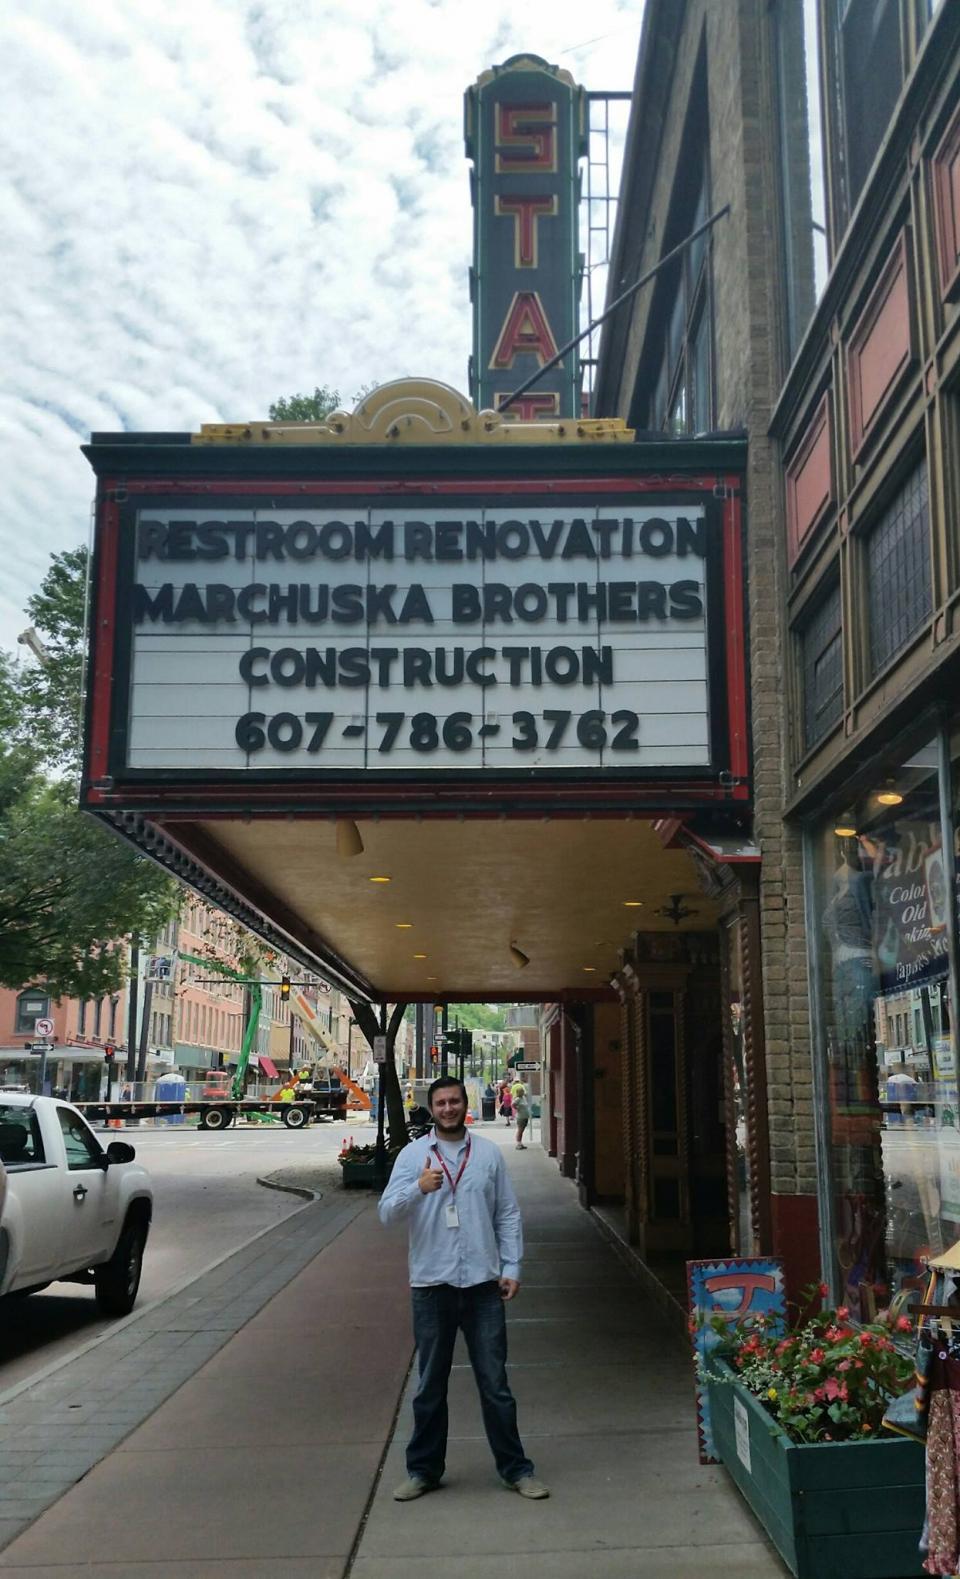 Historic theater renovation Ithaca, NY